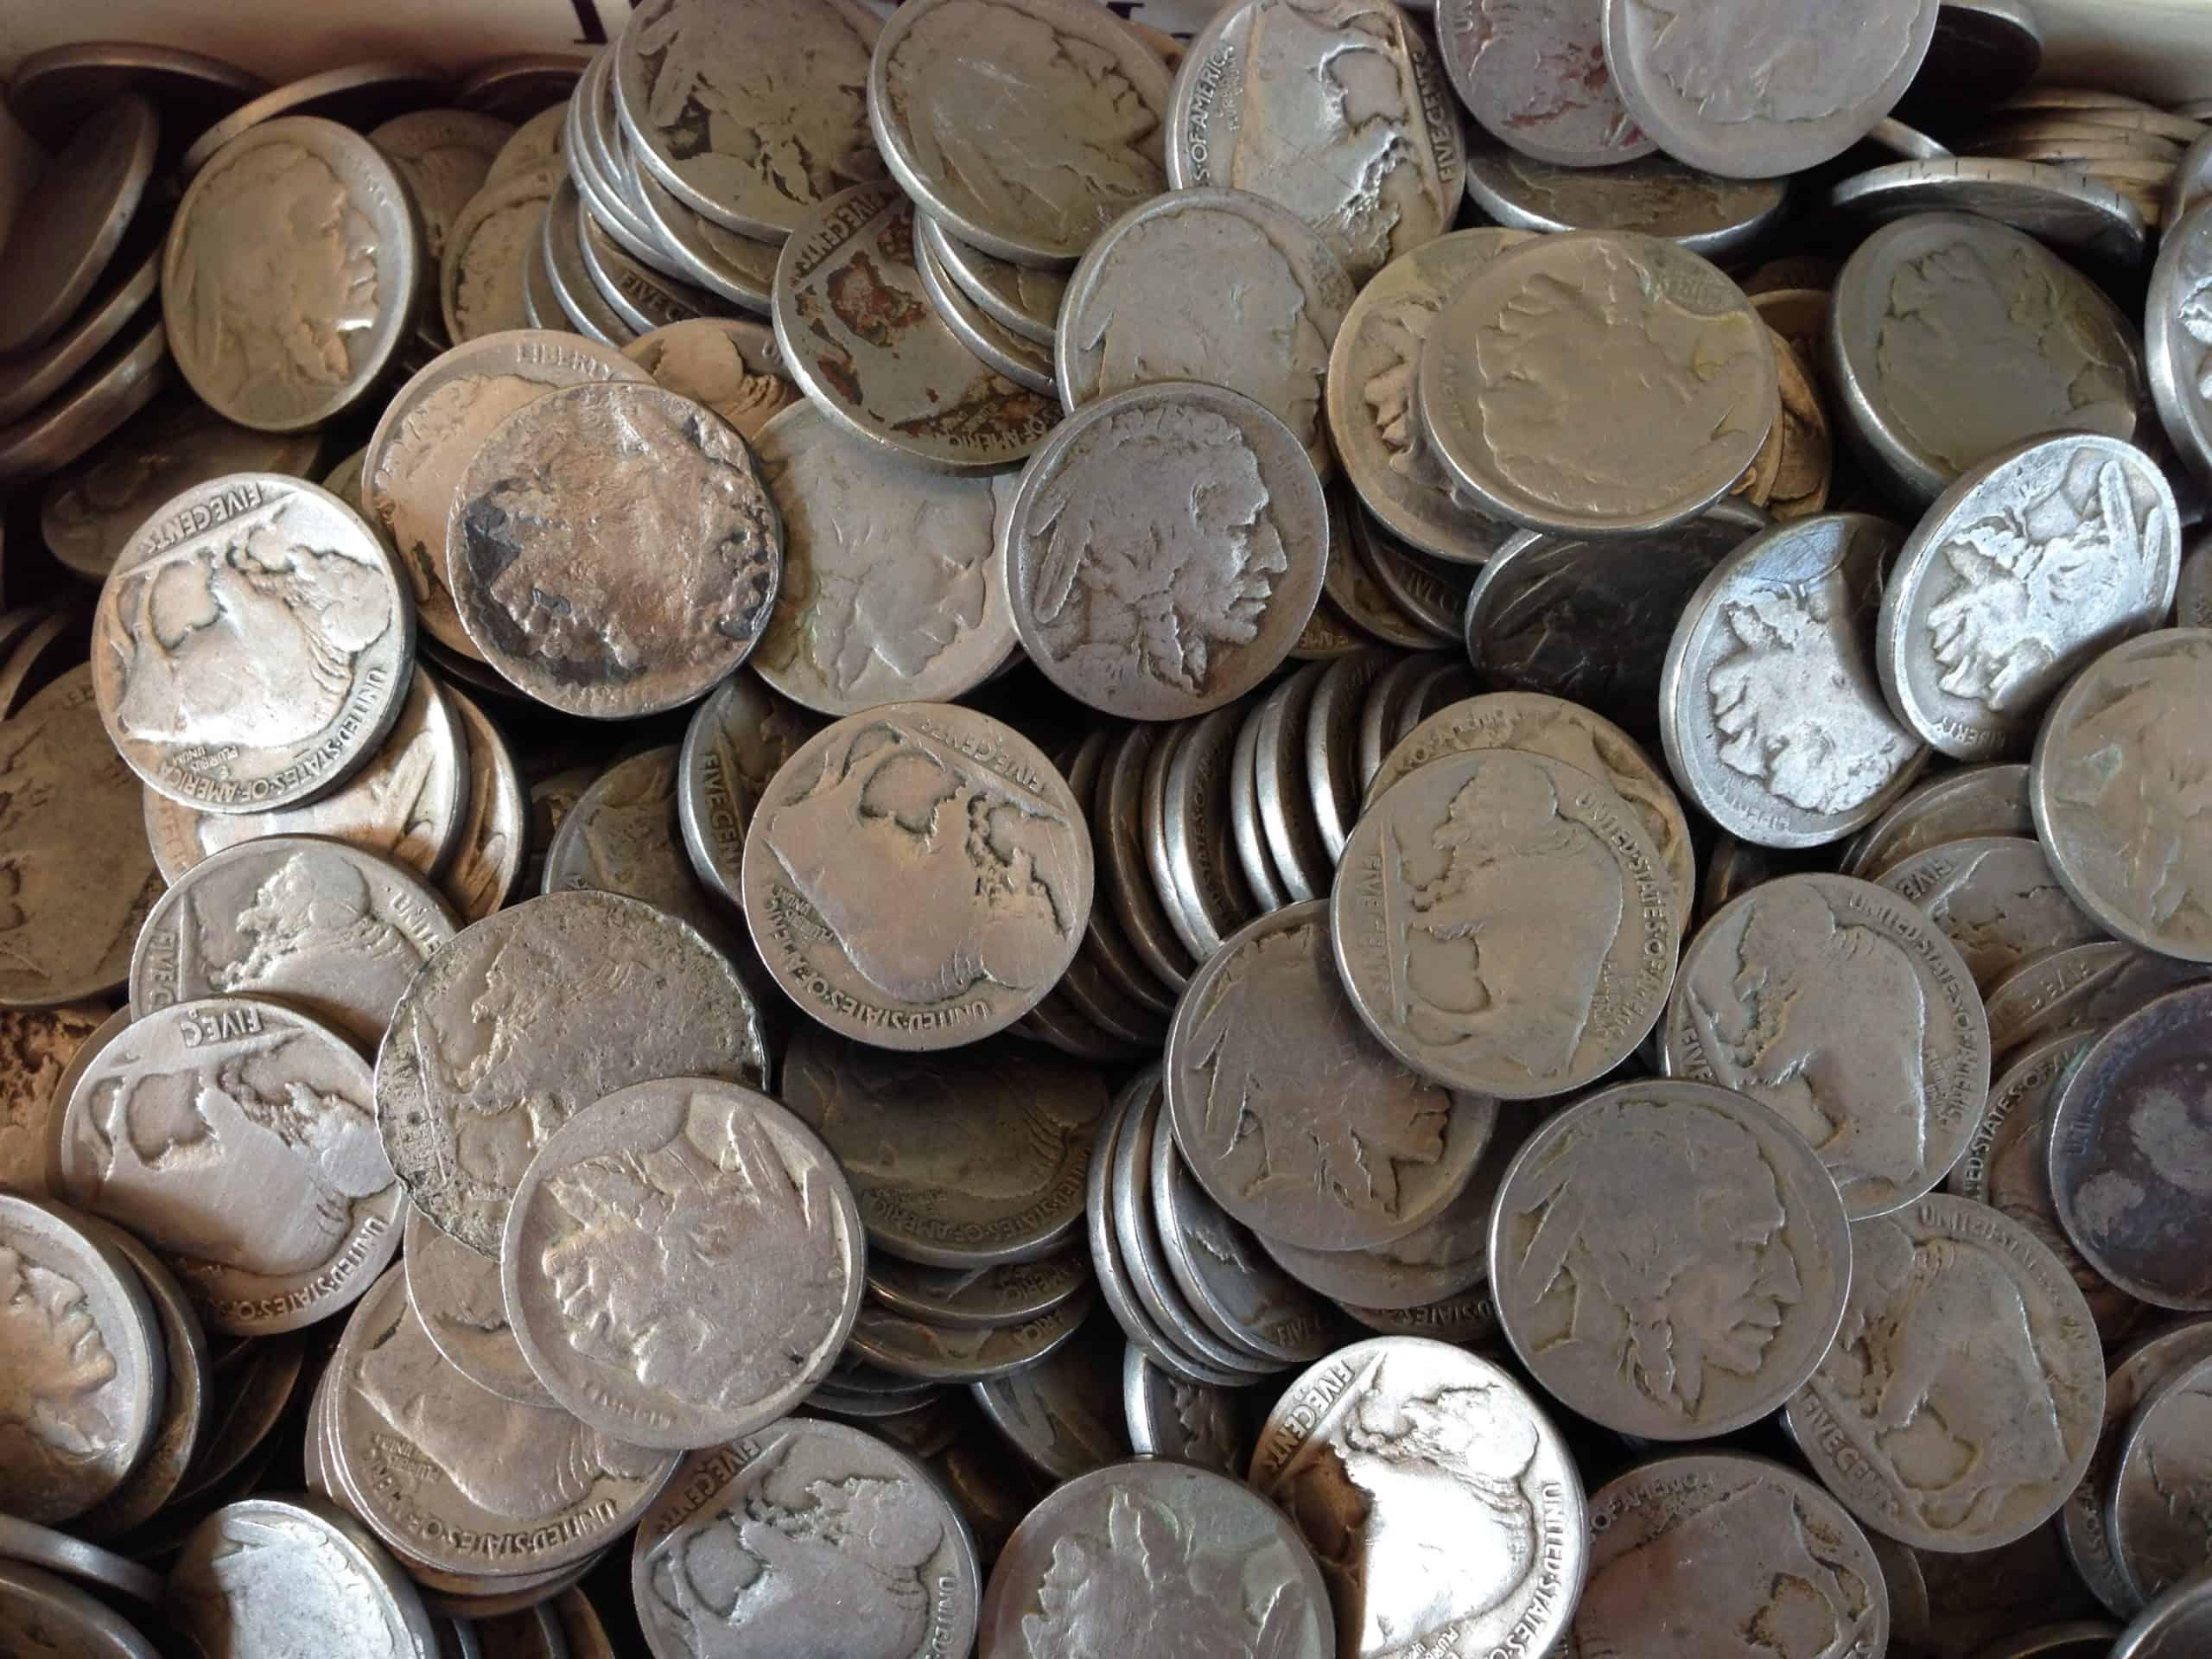 Varieties of the 1937-nickel